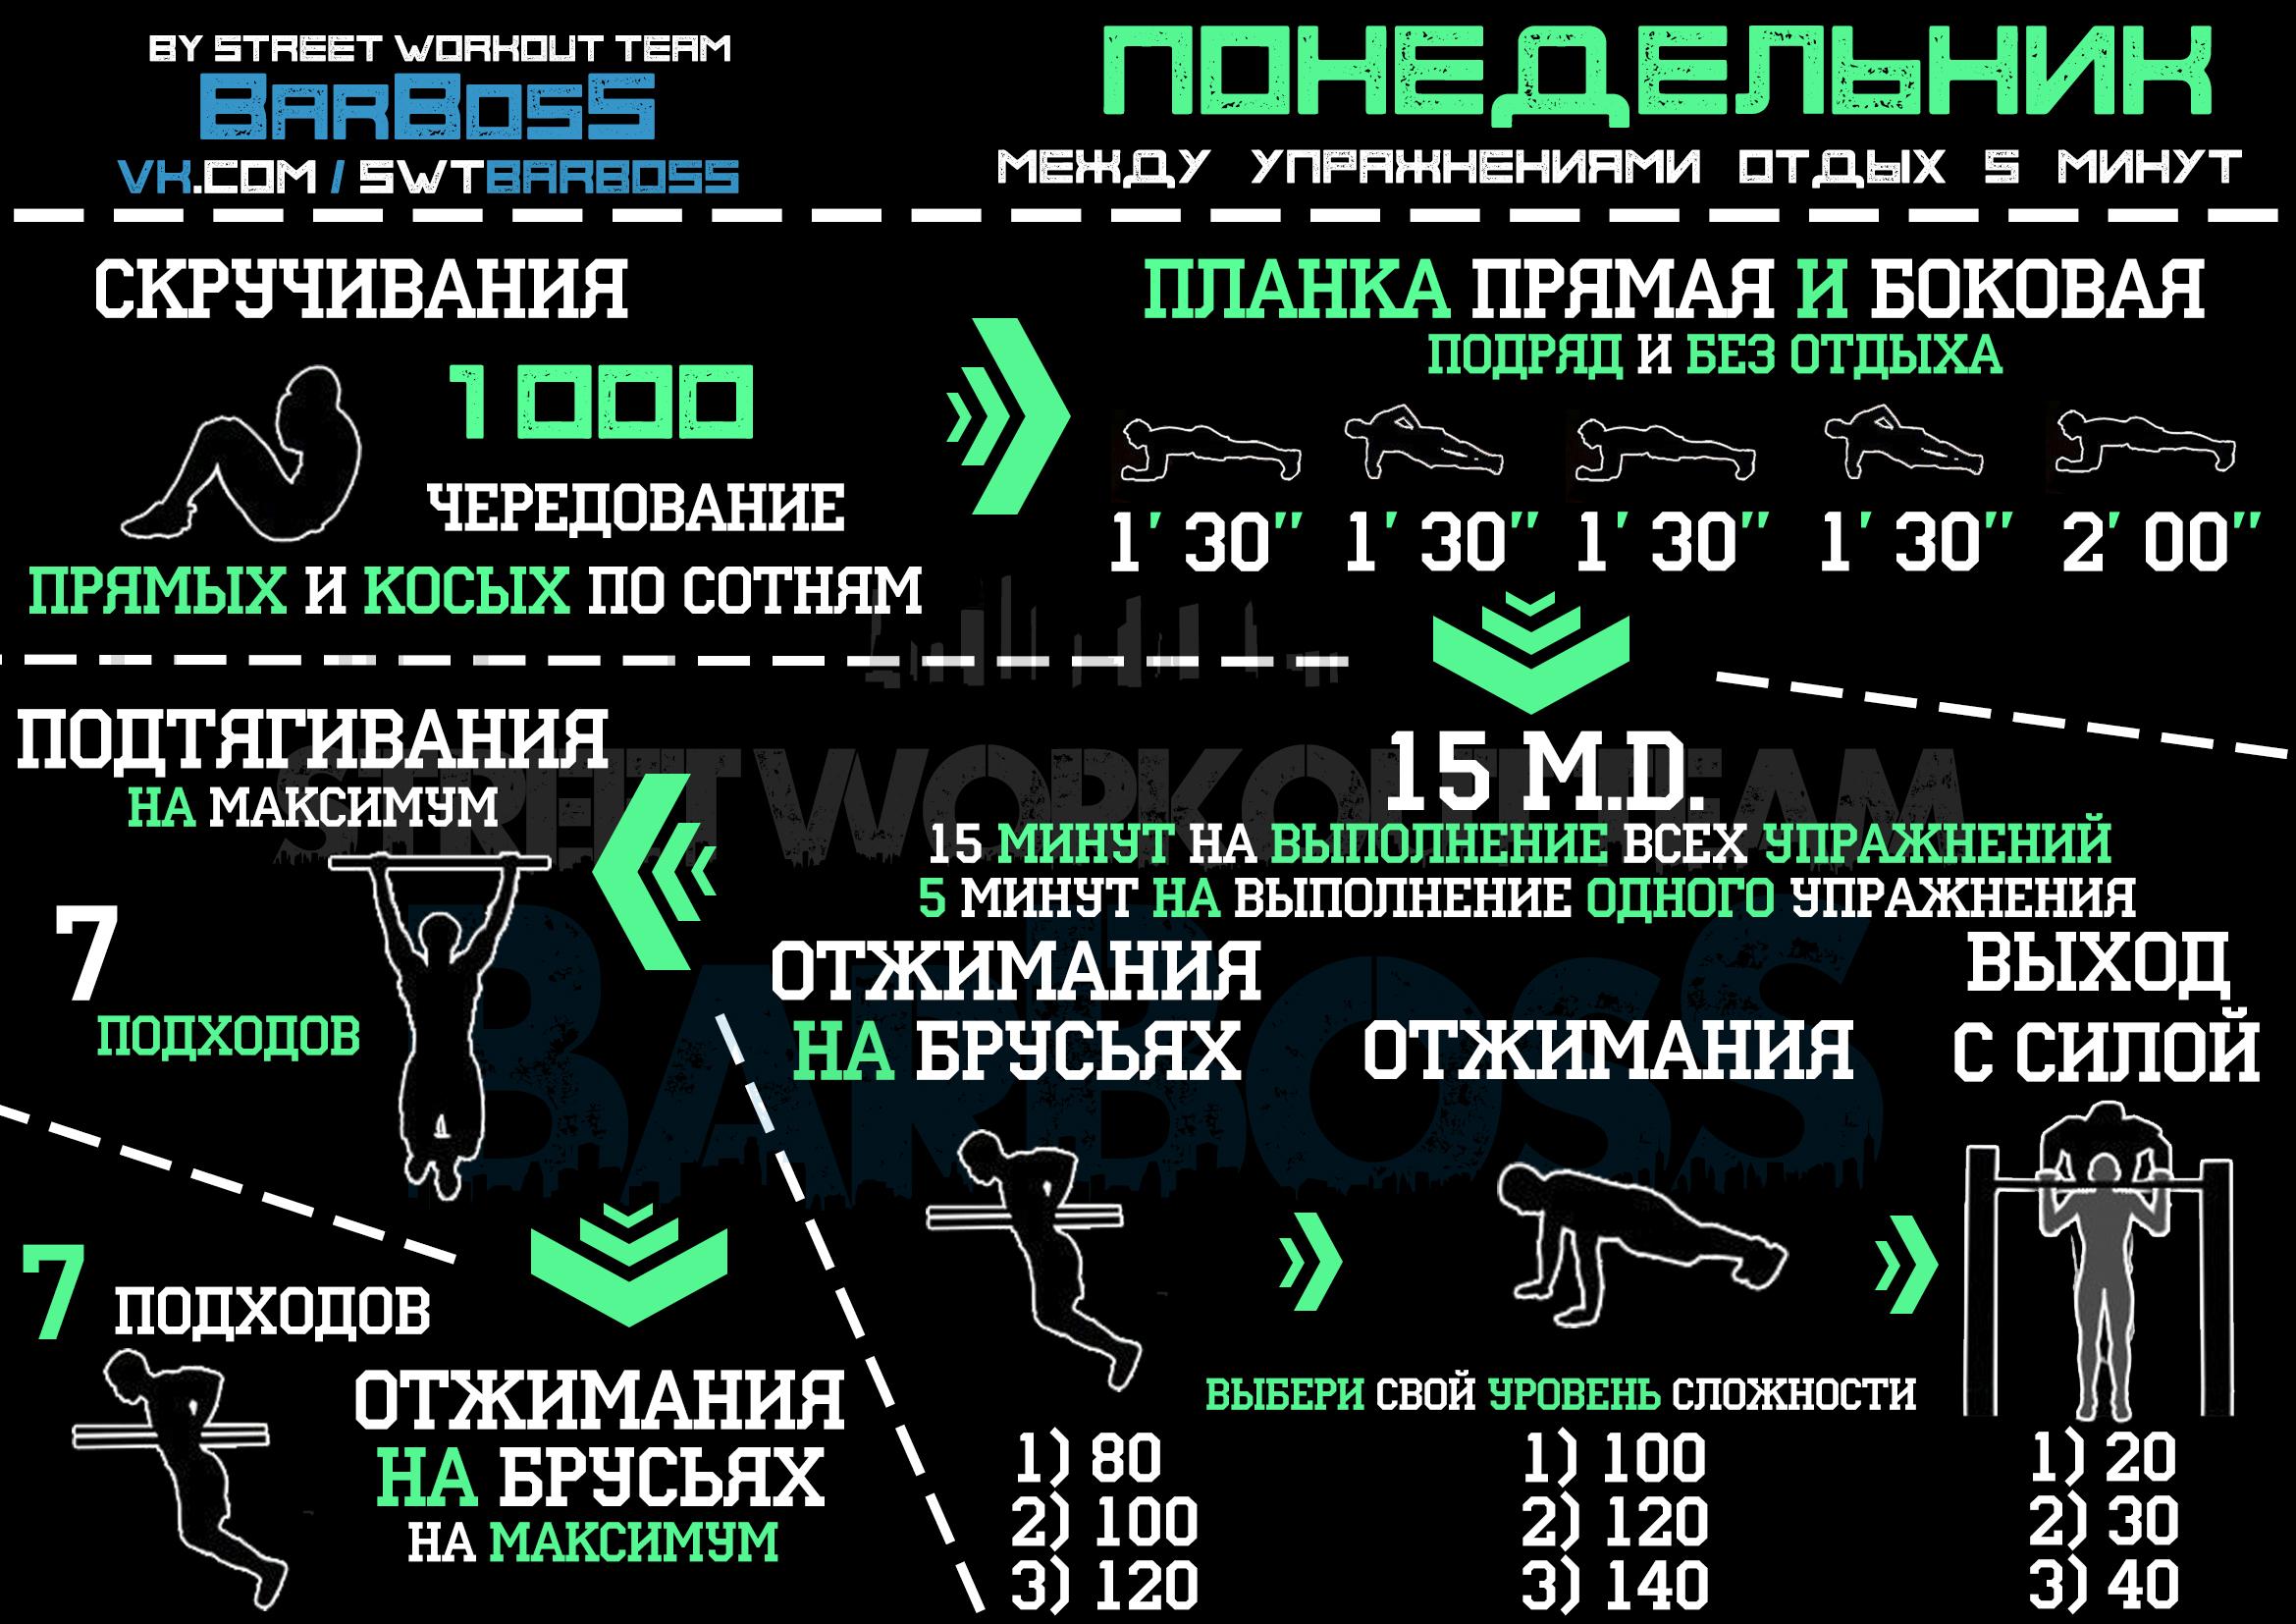 Программы тренировок от балашихинской команды